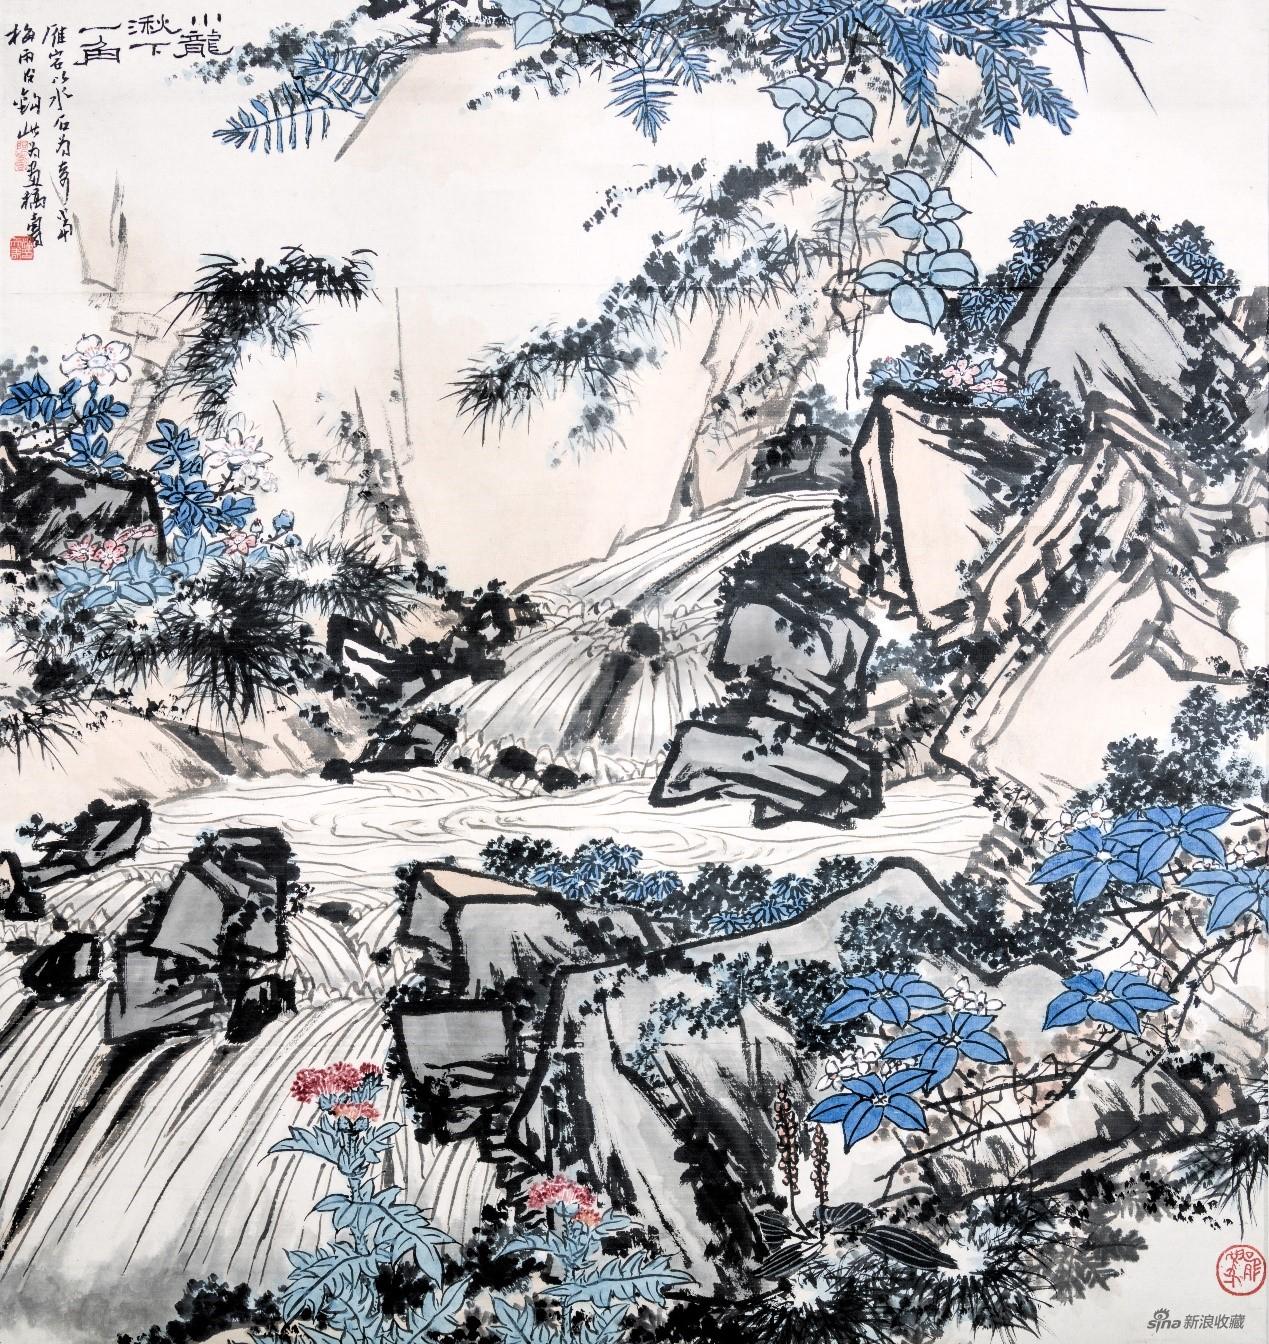 展出作品:潘天寿《小龙湫下一角》